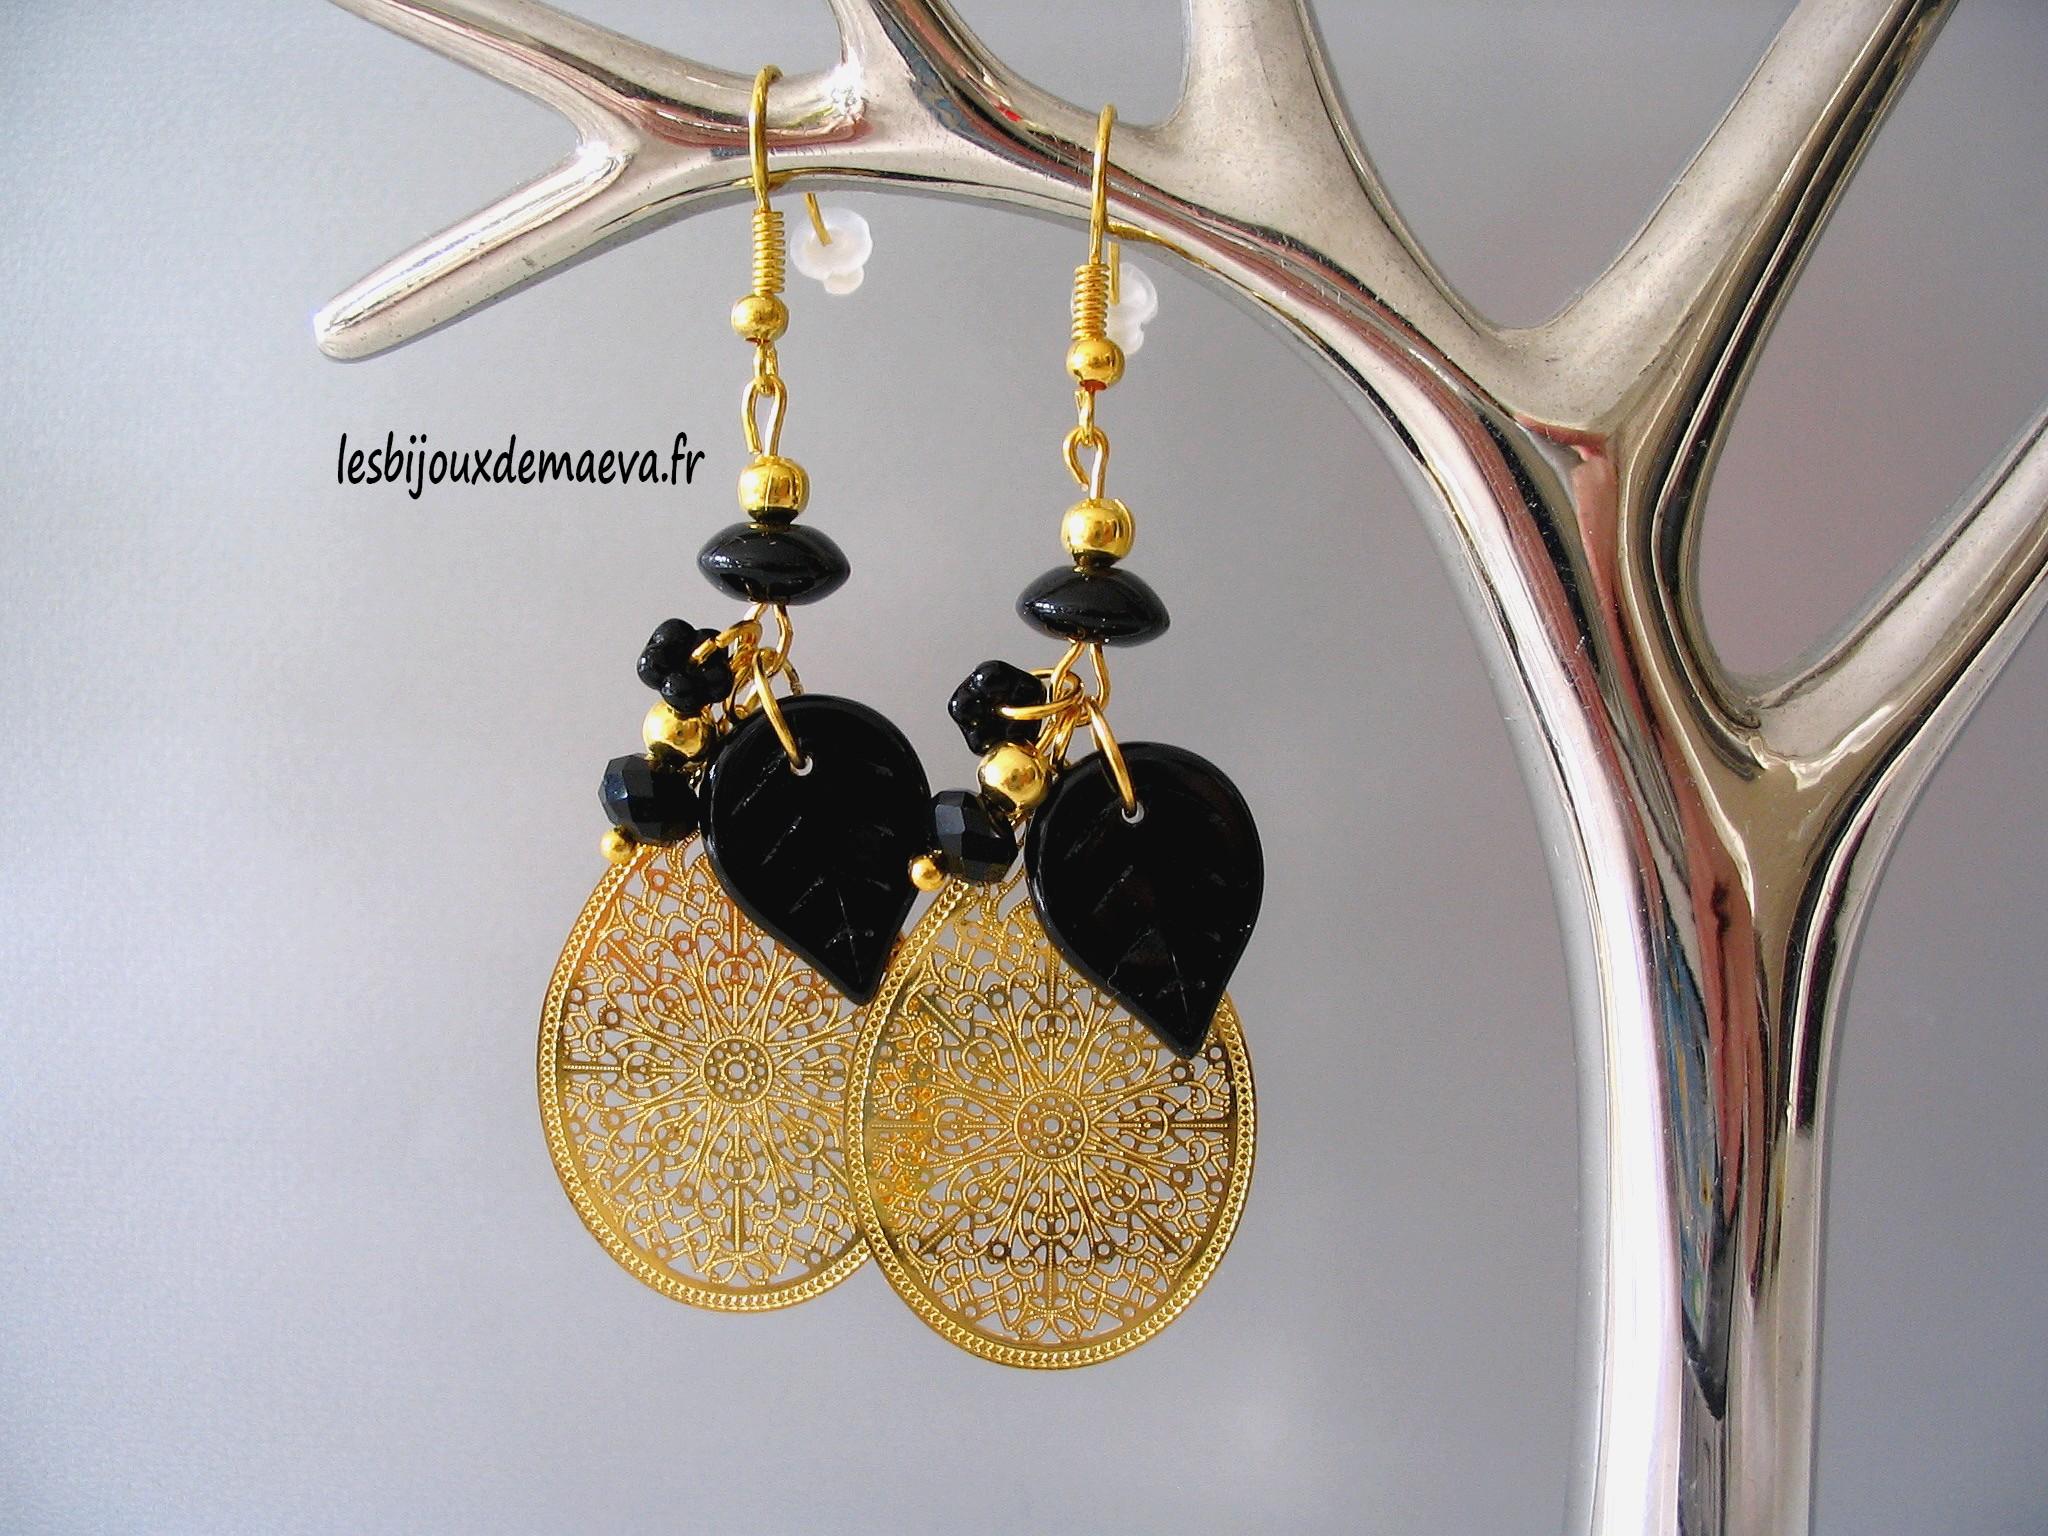 boucles d 39 oreilles fantaisie dor es et noires marrakech. Black Bedroom Furniture Sets. Home Design Ideas